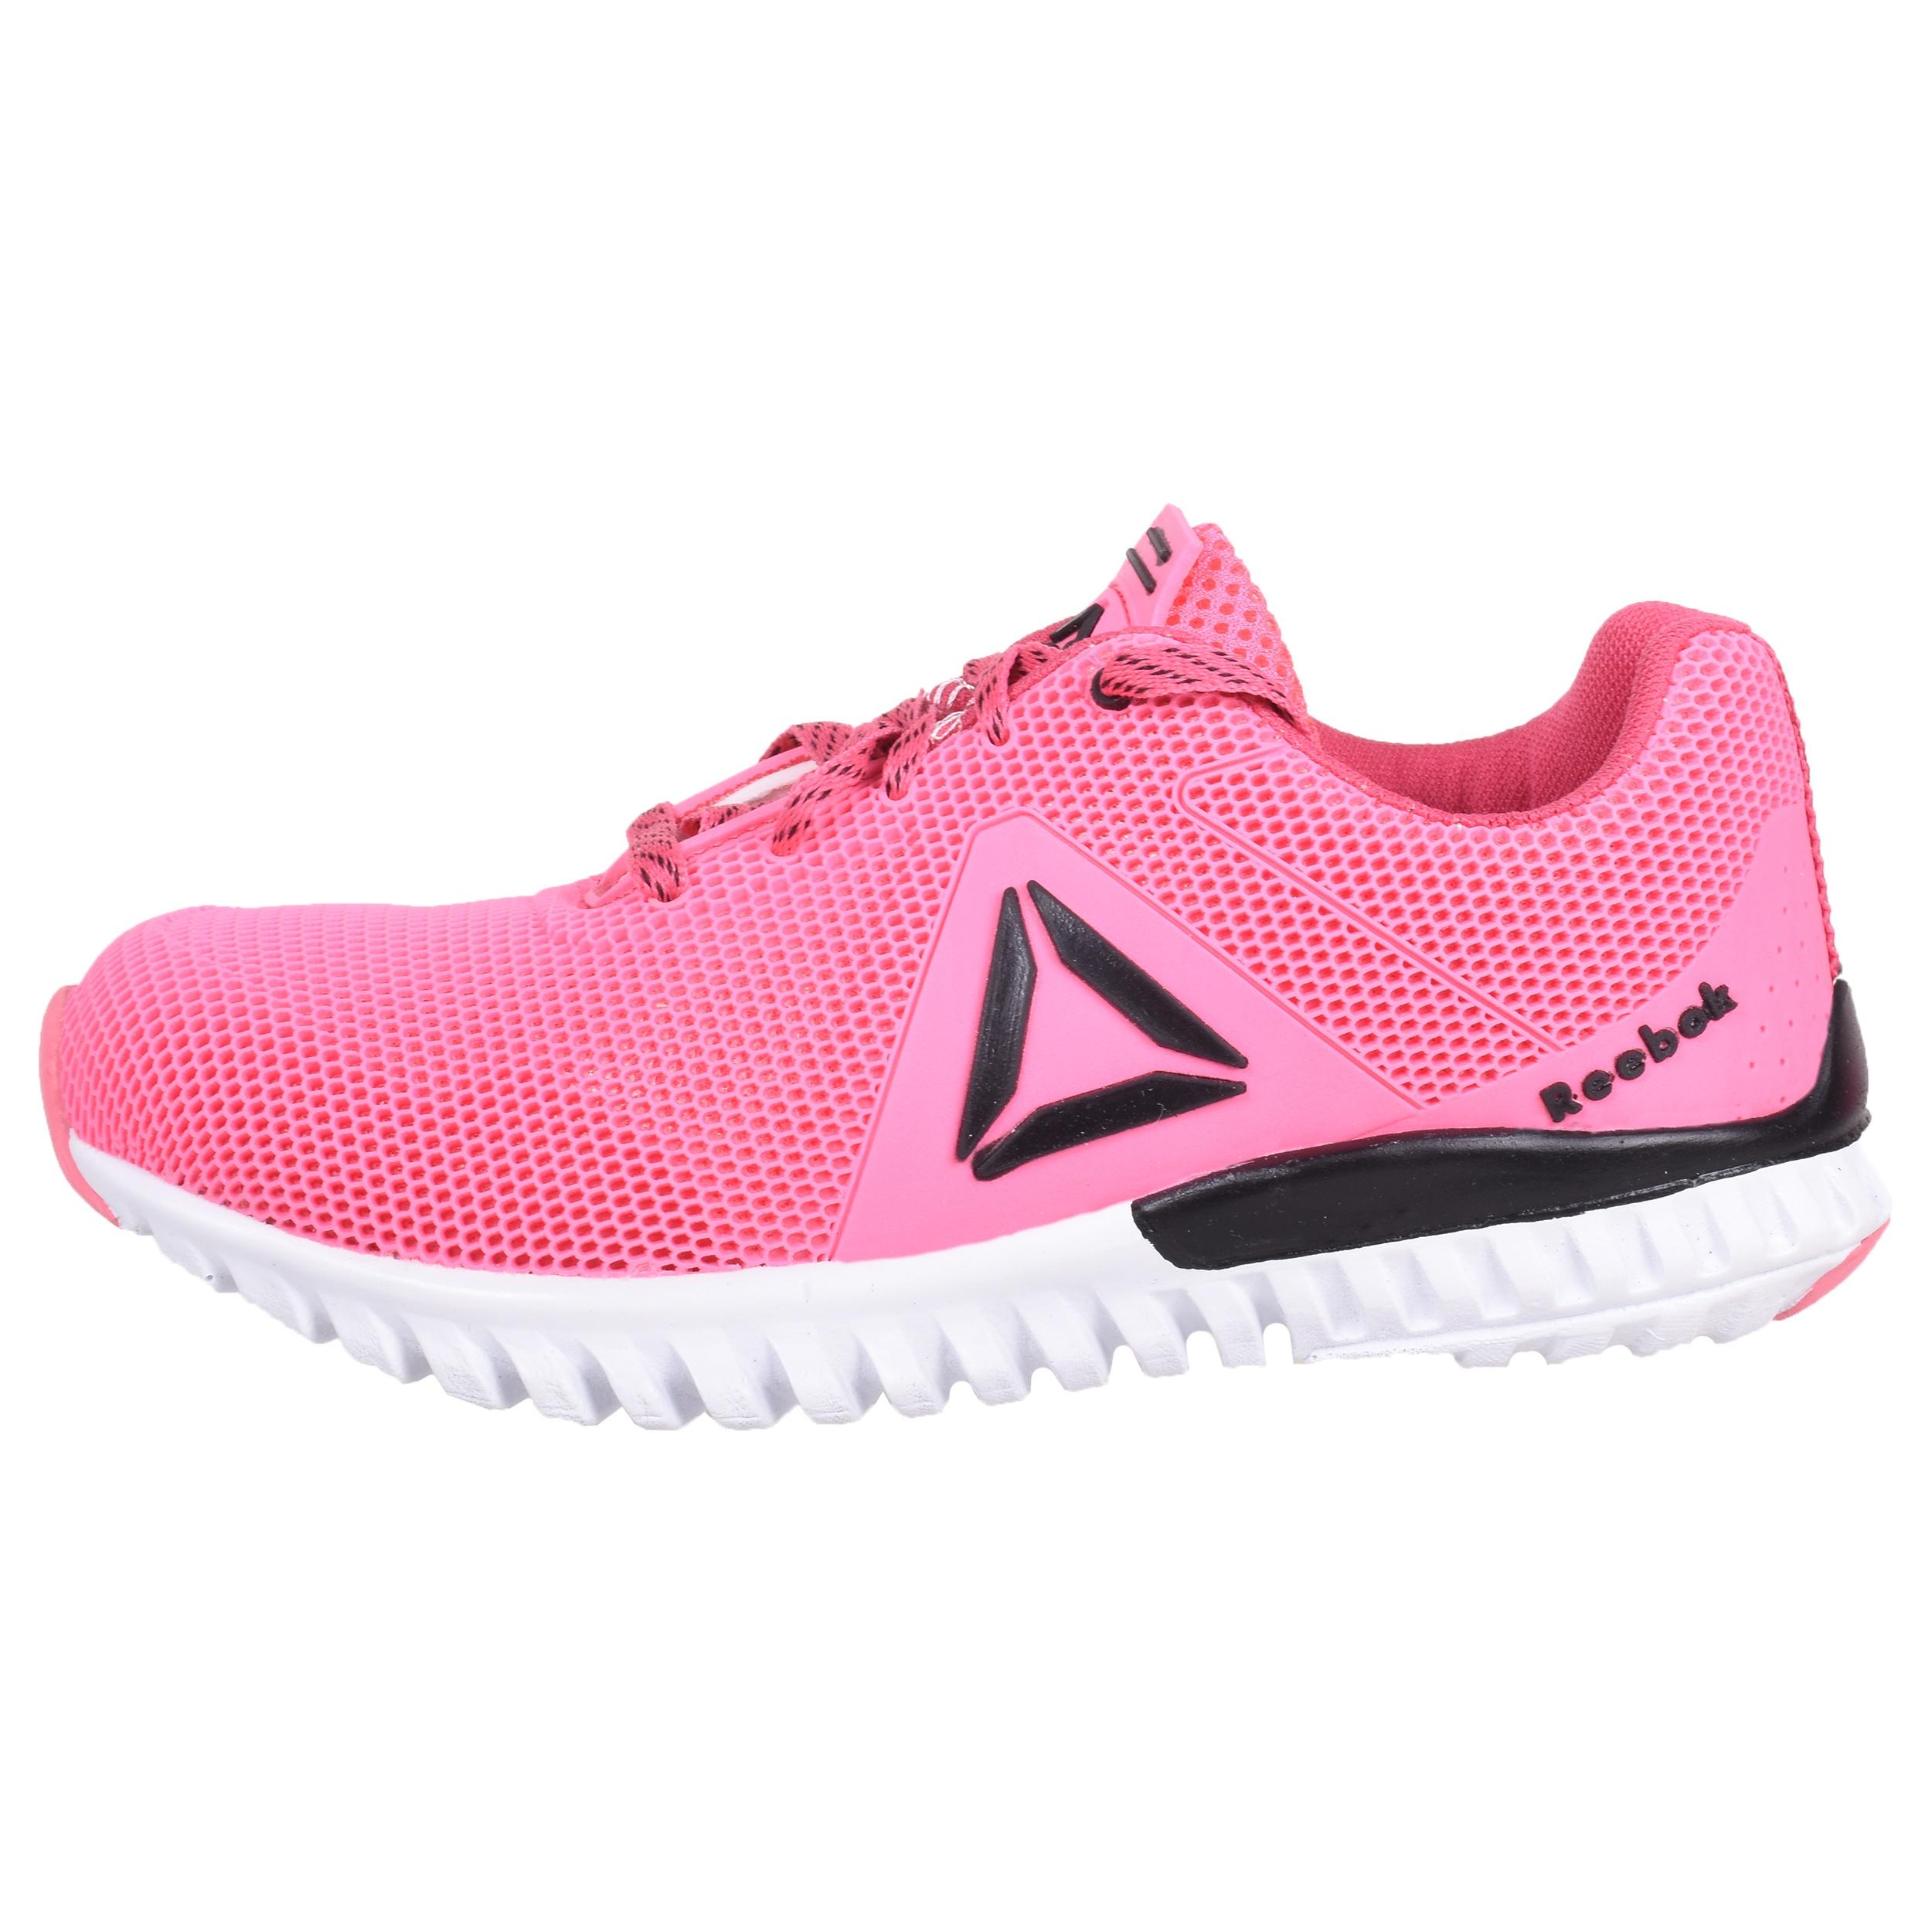 کفش مخصوص پیاده روی زنانه کد 16-2396150